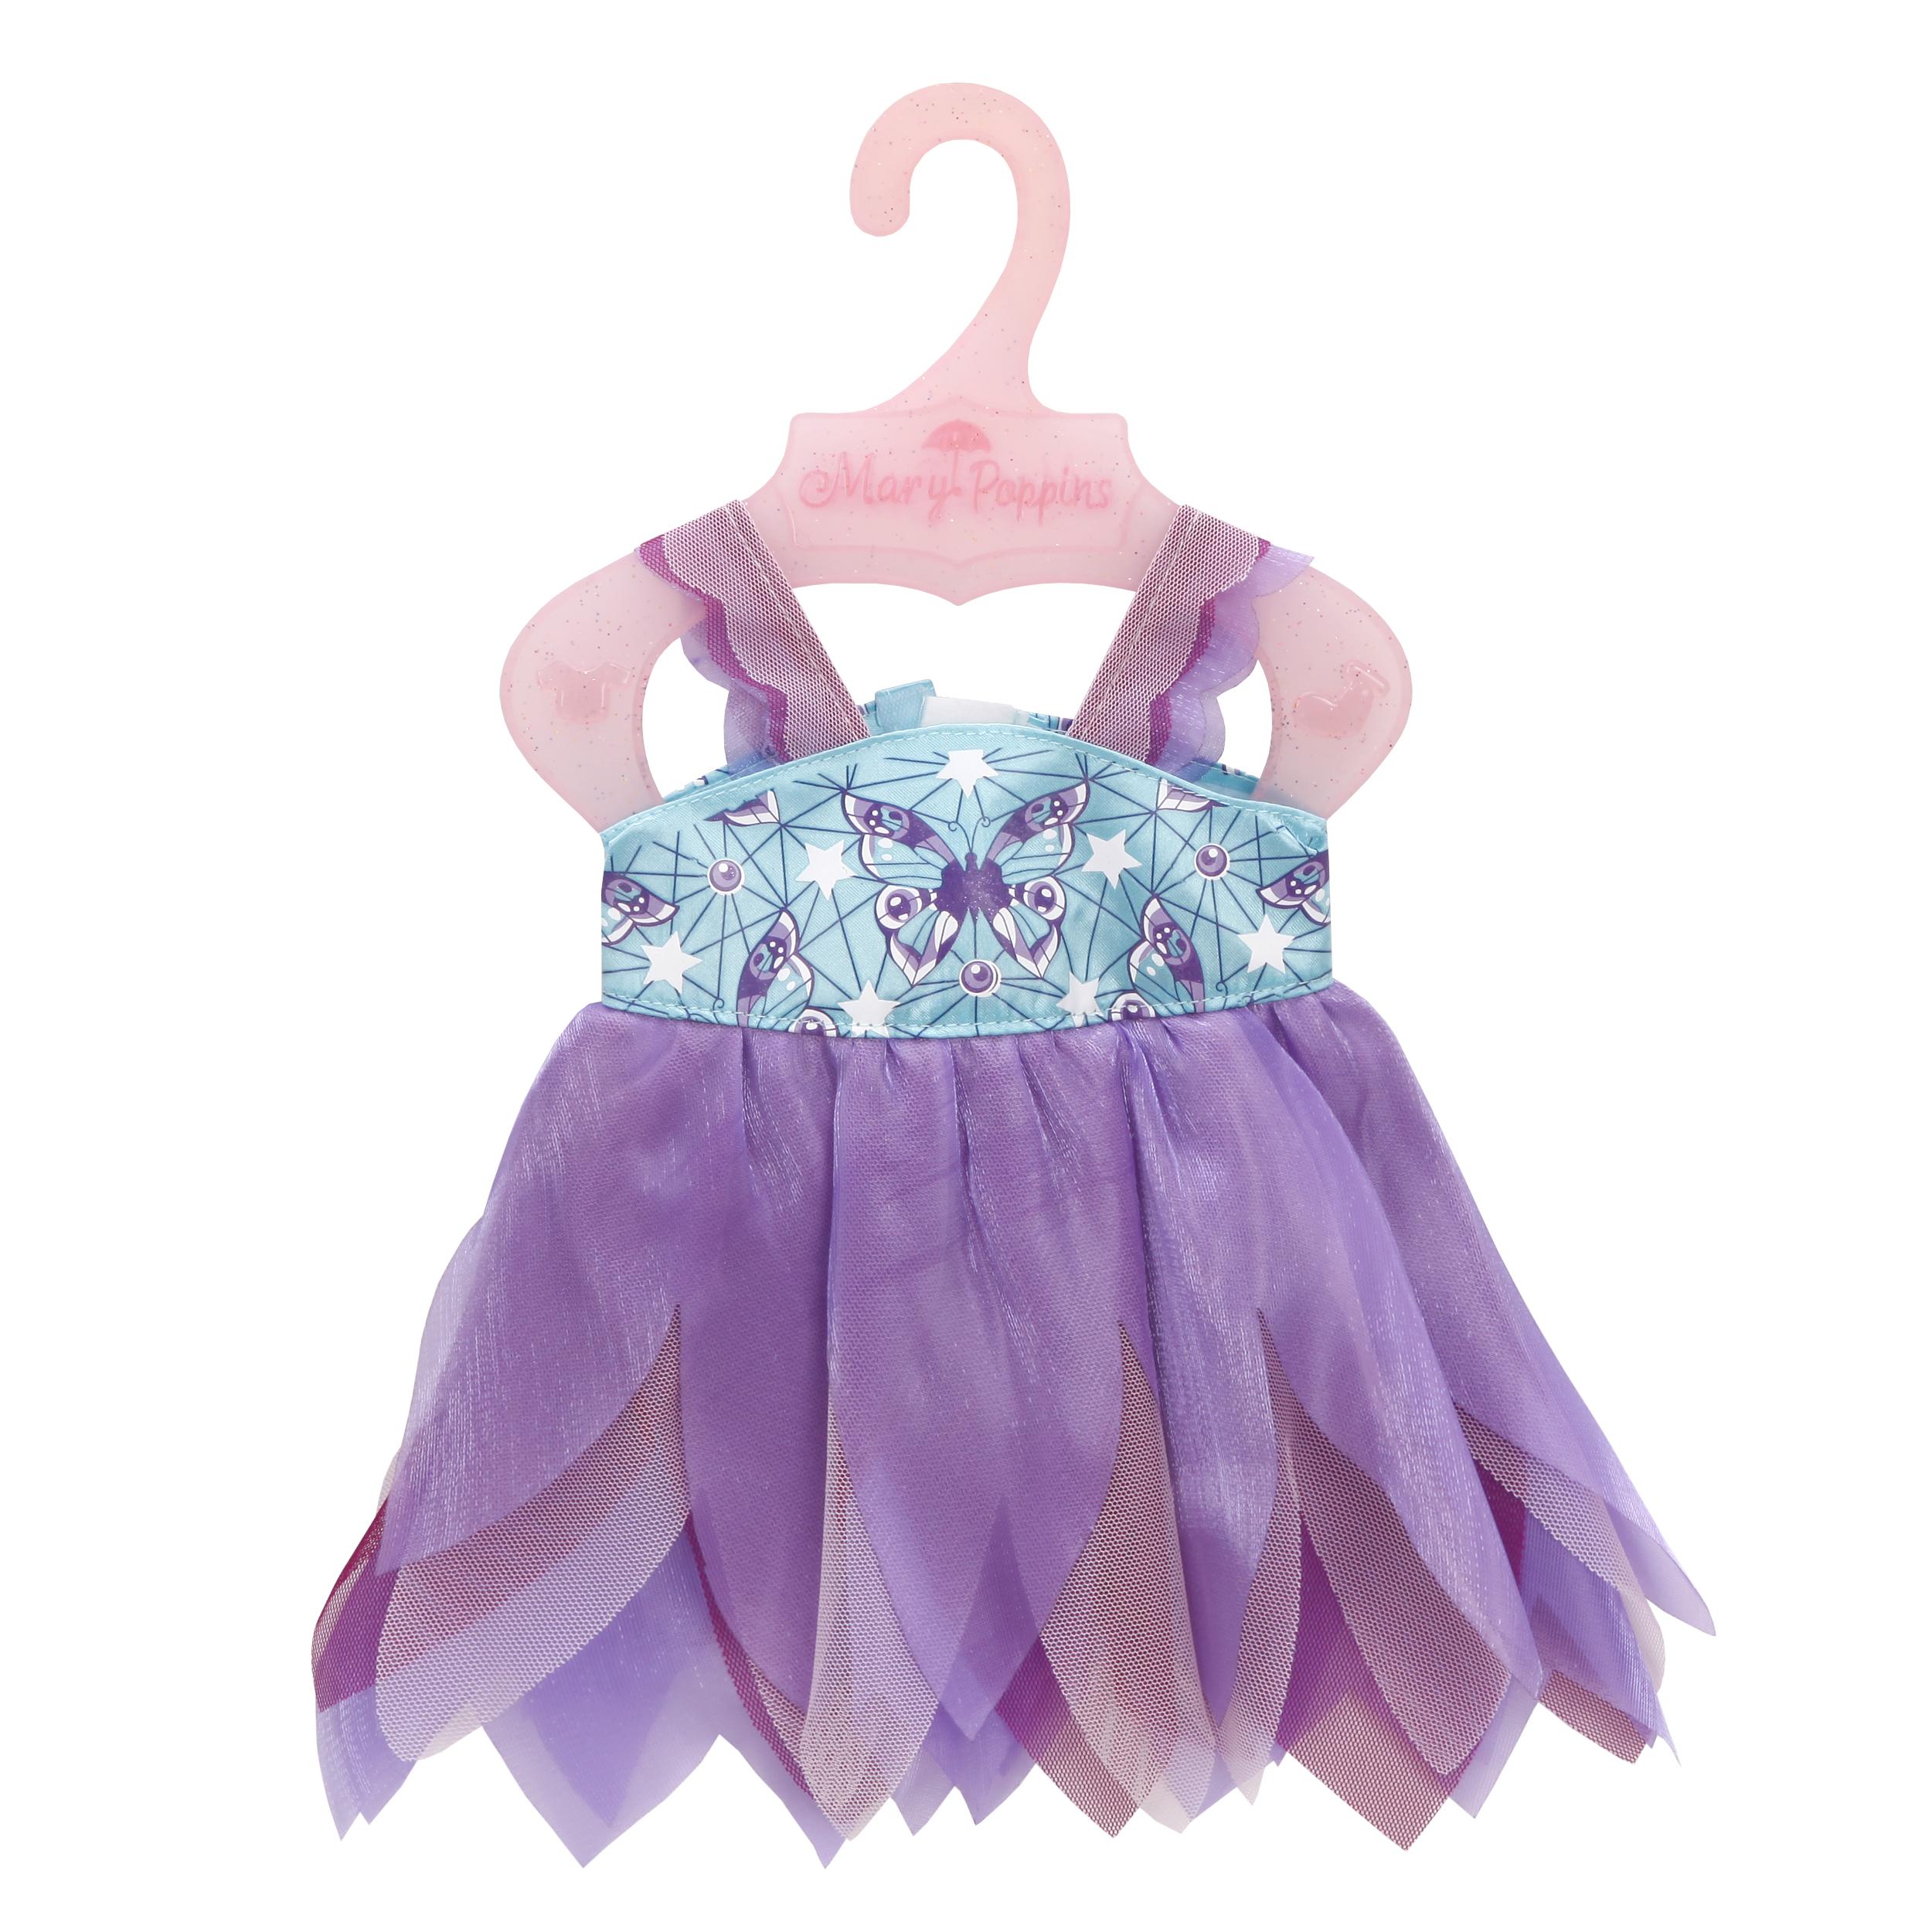 Купить Одежда для кукол, Платье. Бабочка, 1шт., Mary Poppins 452136, Китай, фиолетовый, голубой